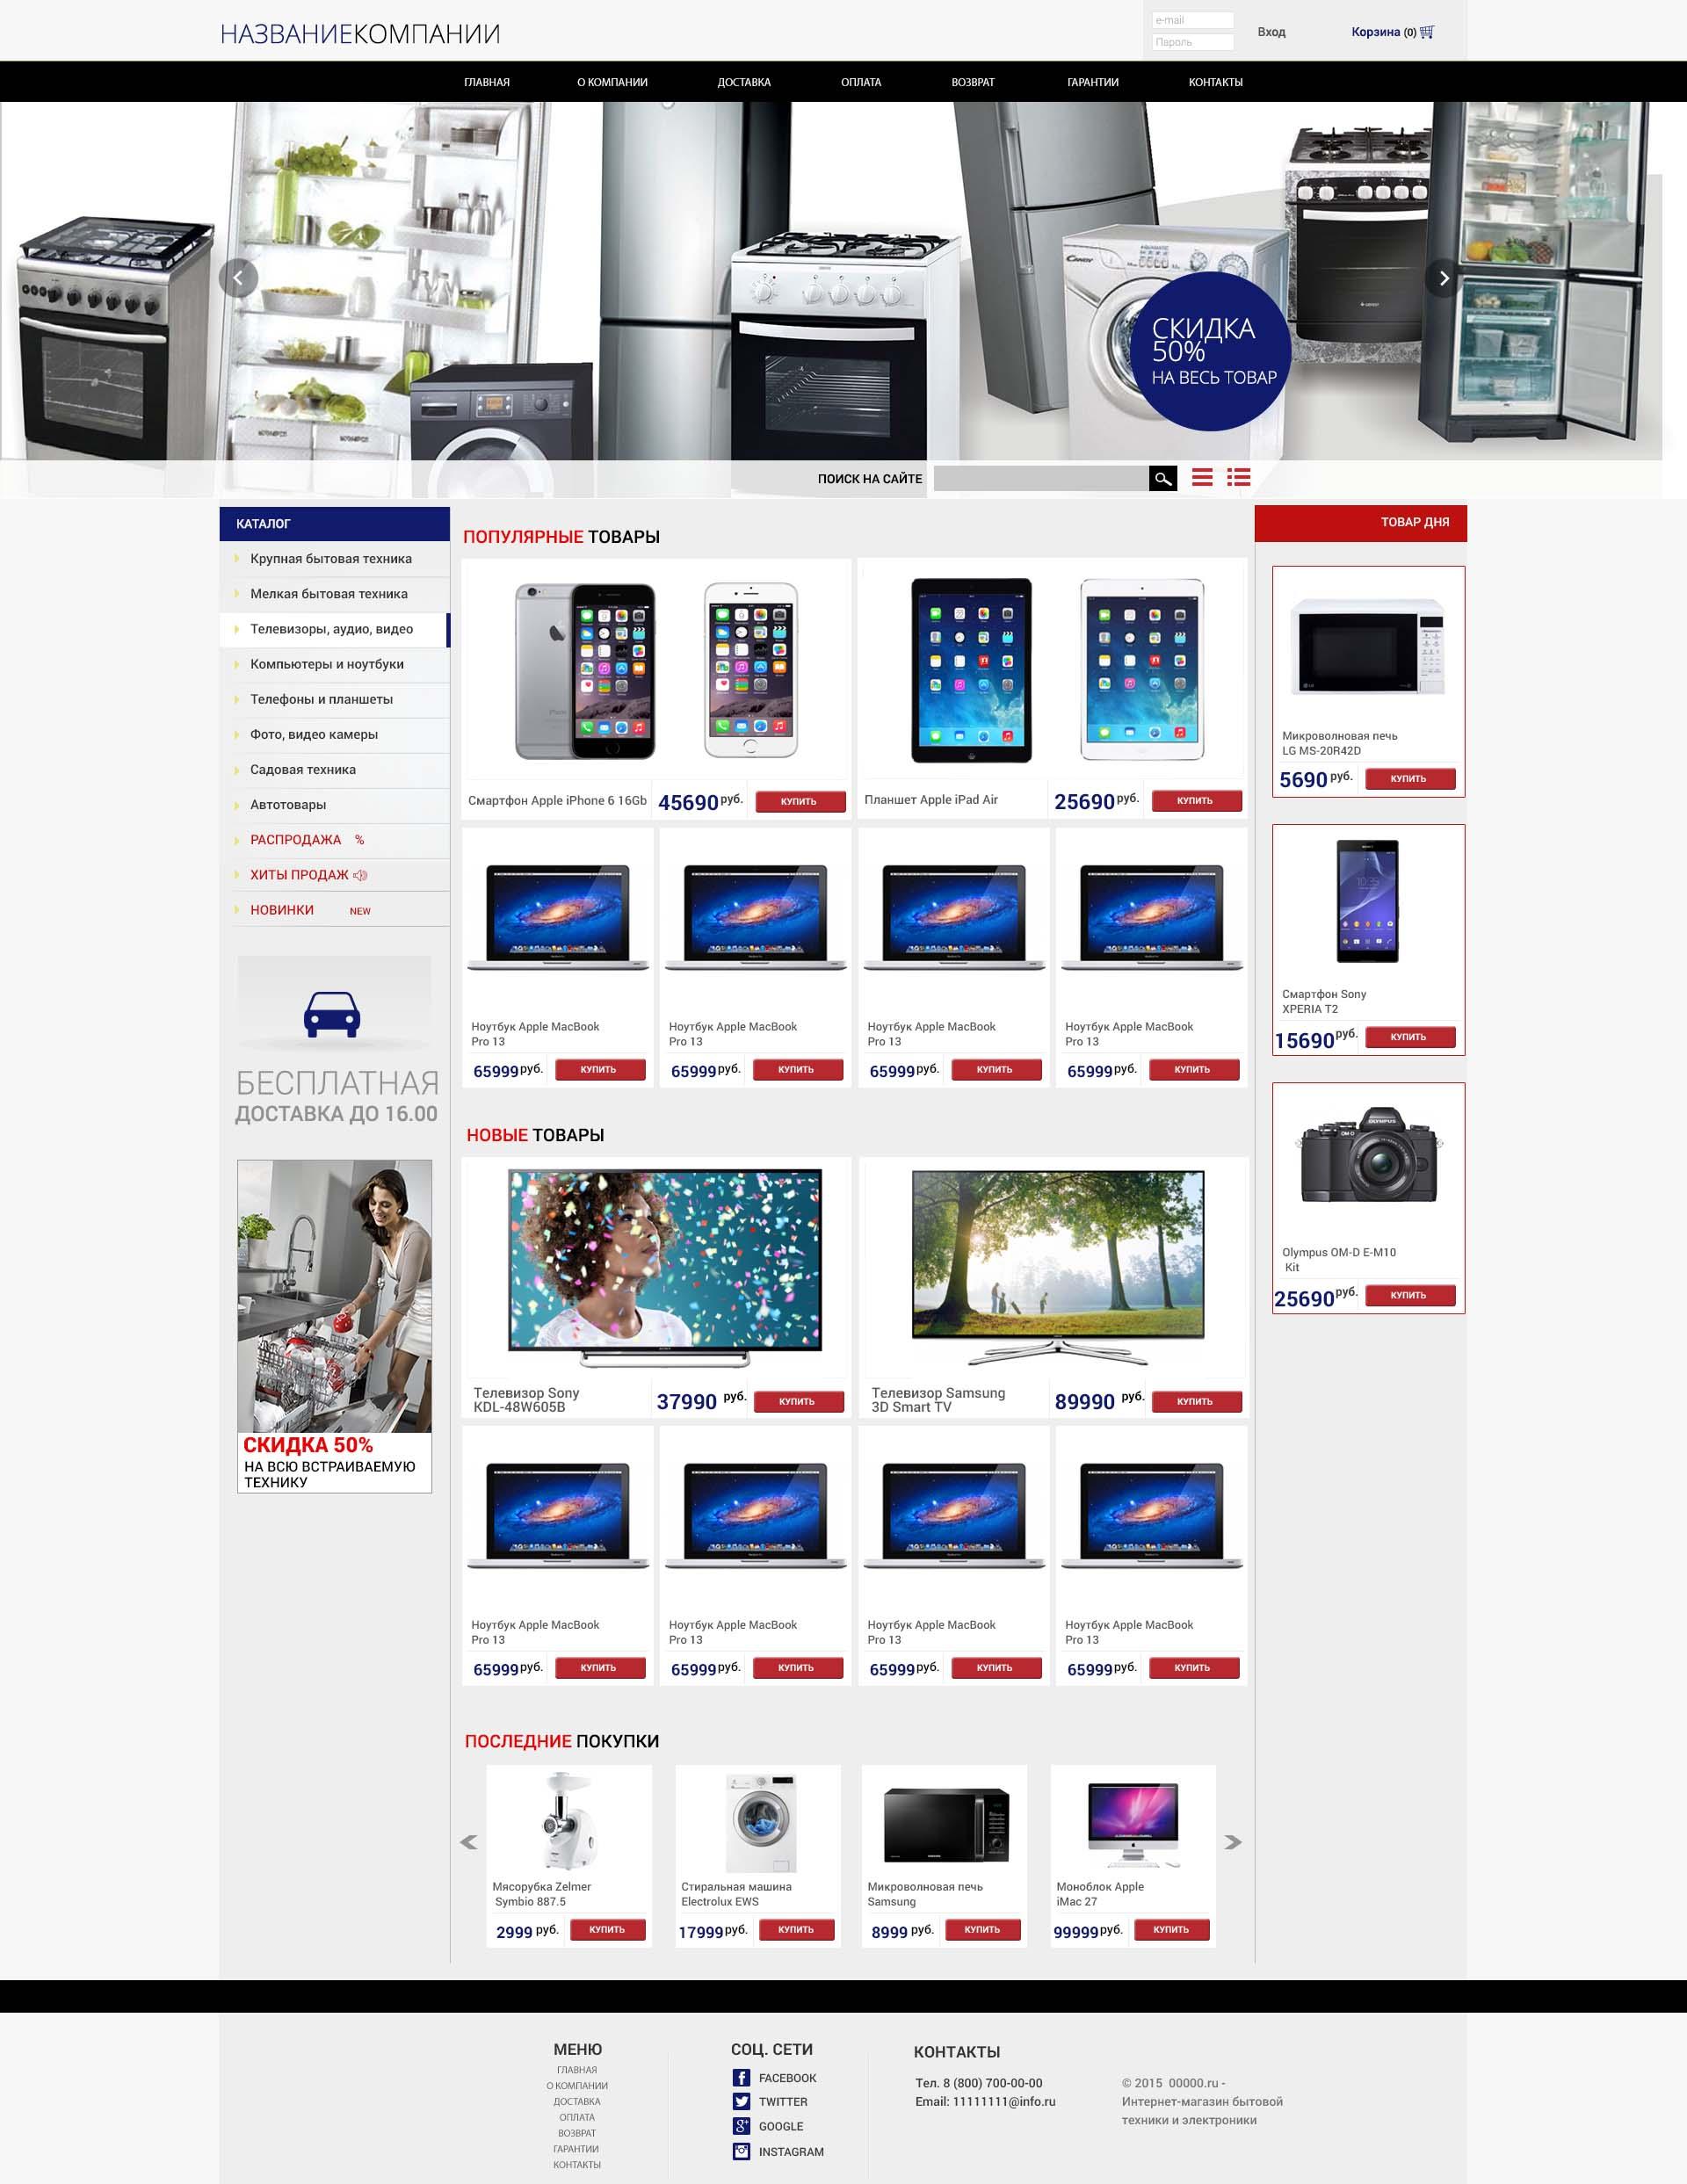 Разработка дизайна сайта для главной страницы интернет-магазина